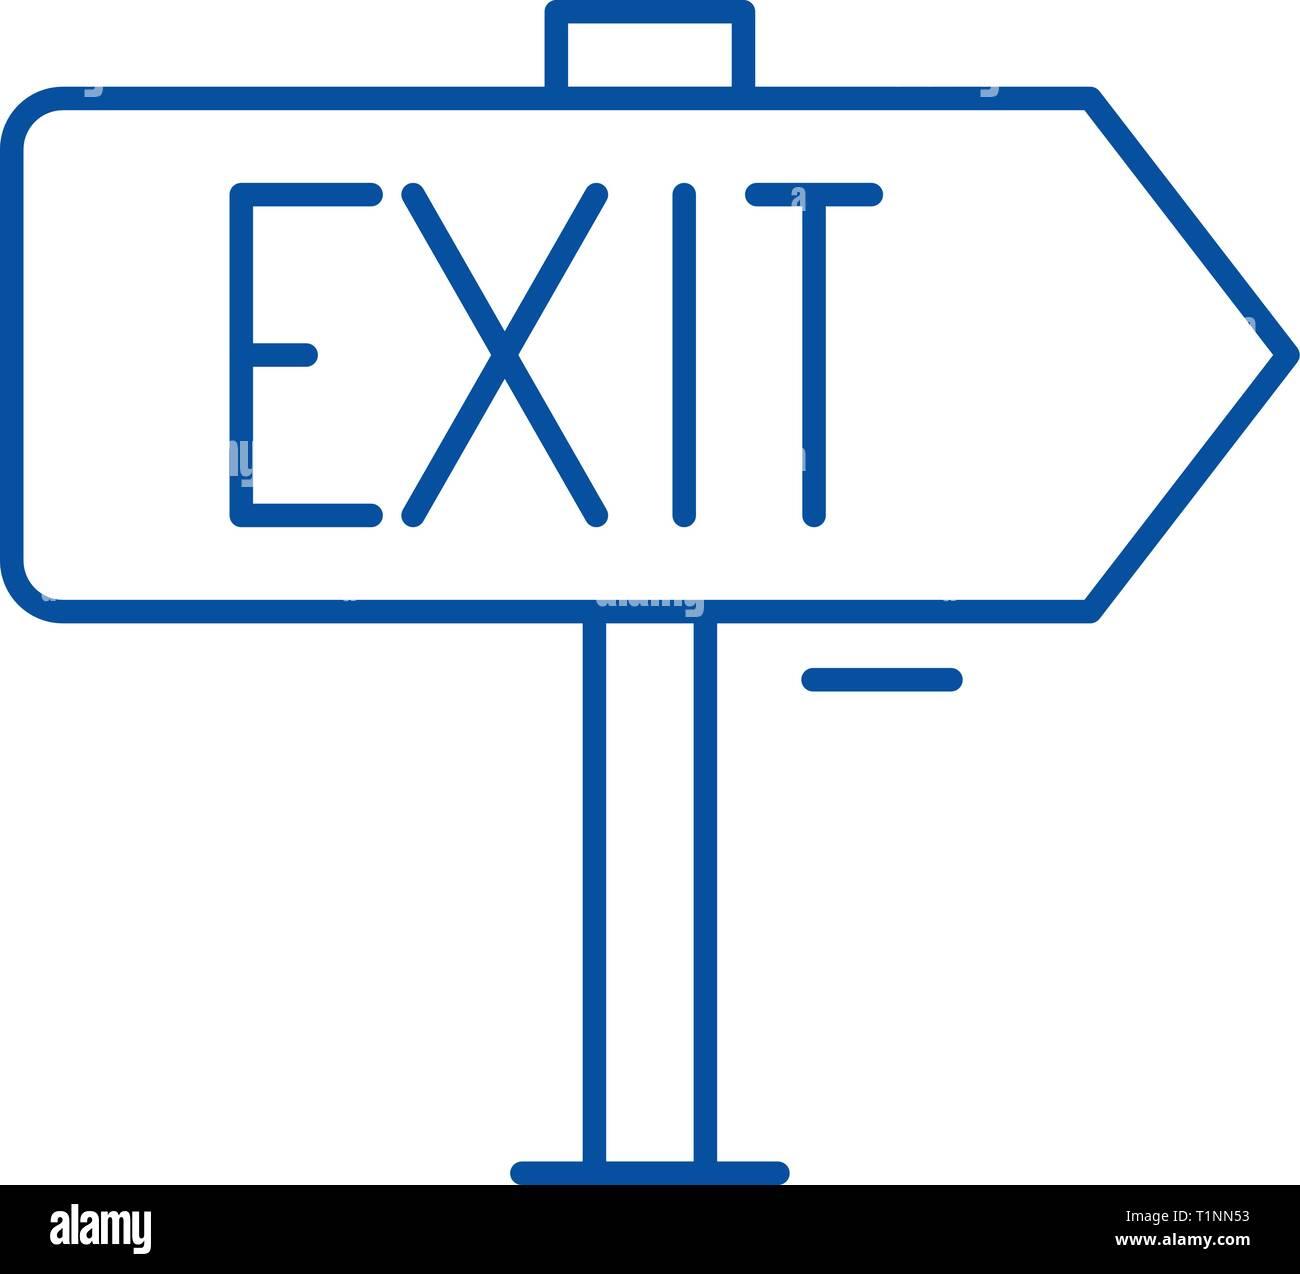 Ausgabe Symbol Leitung Konzept. Ausgabe flachbild Vektor Symbol, Zeichen, umriss Abbildung. Stockbild